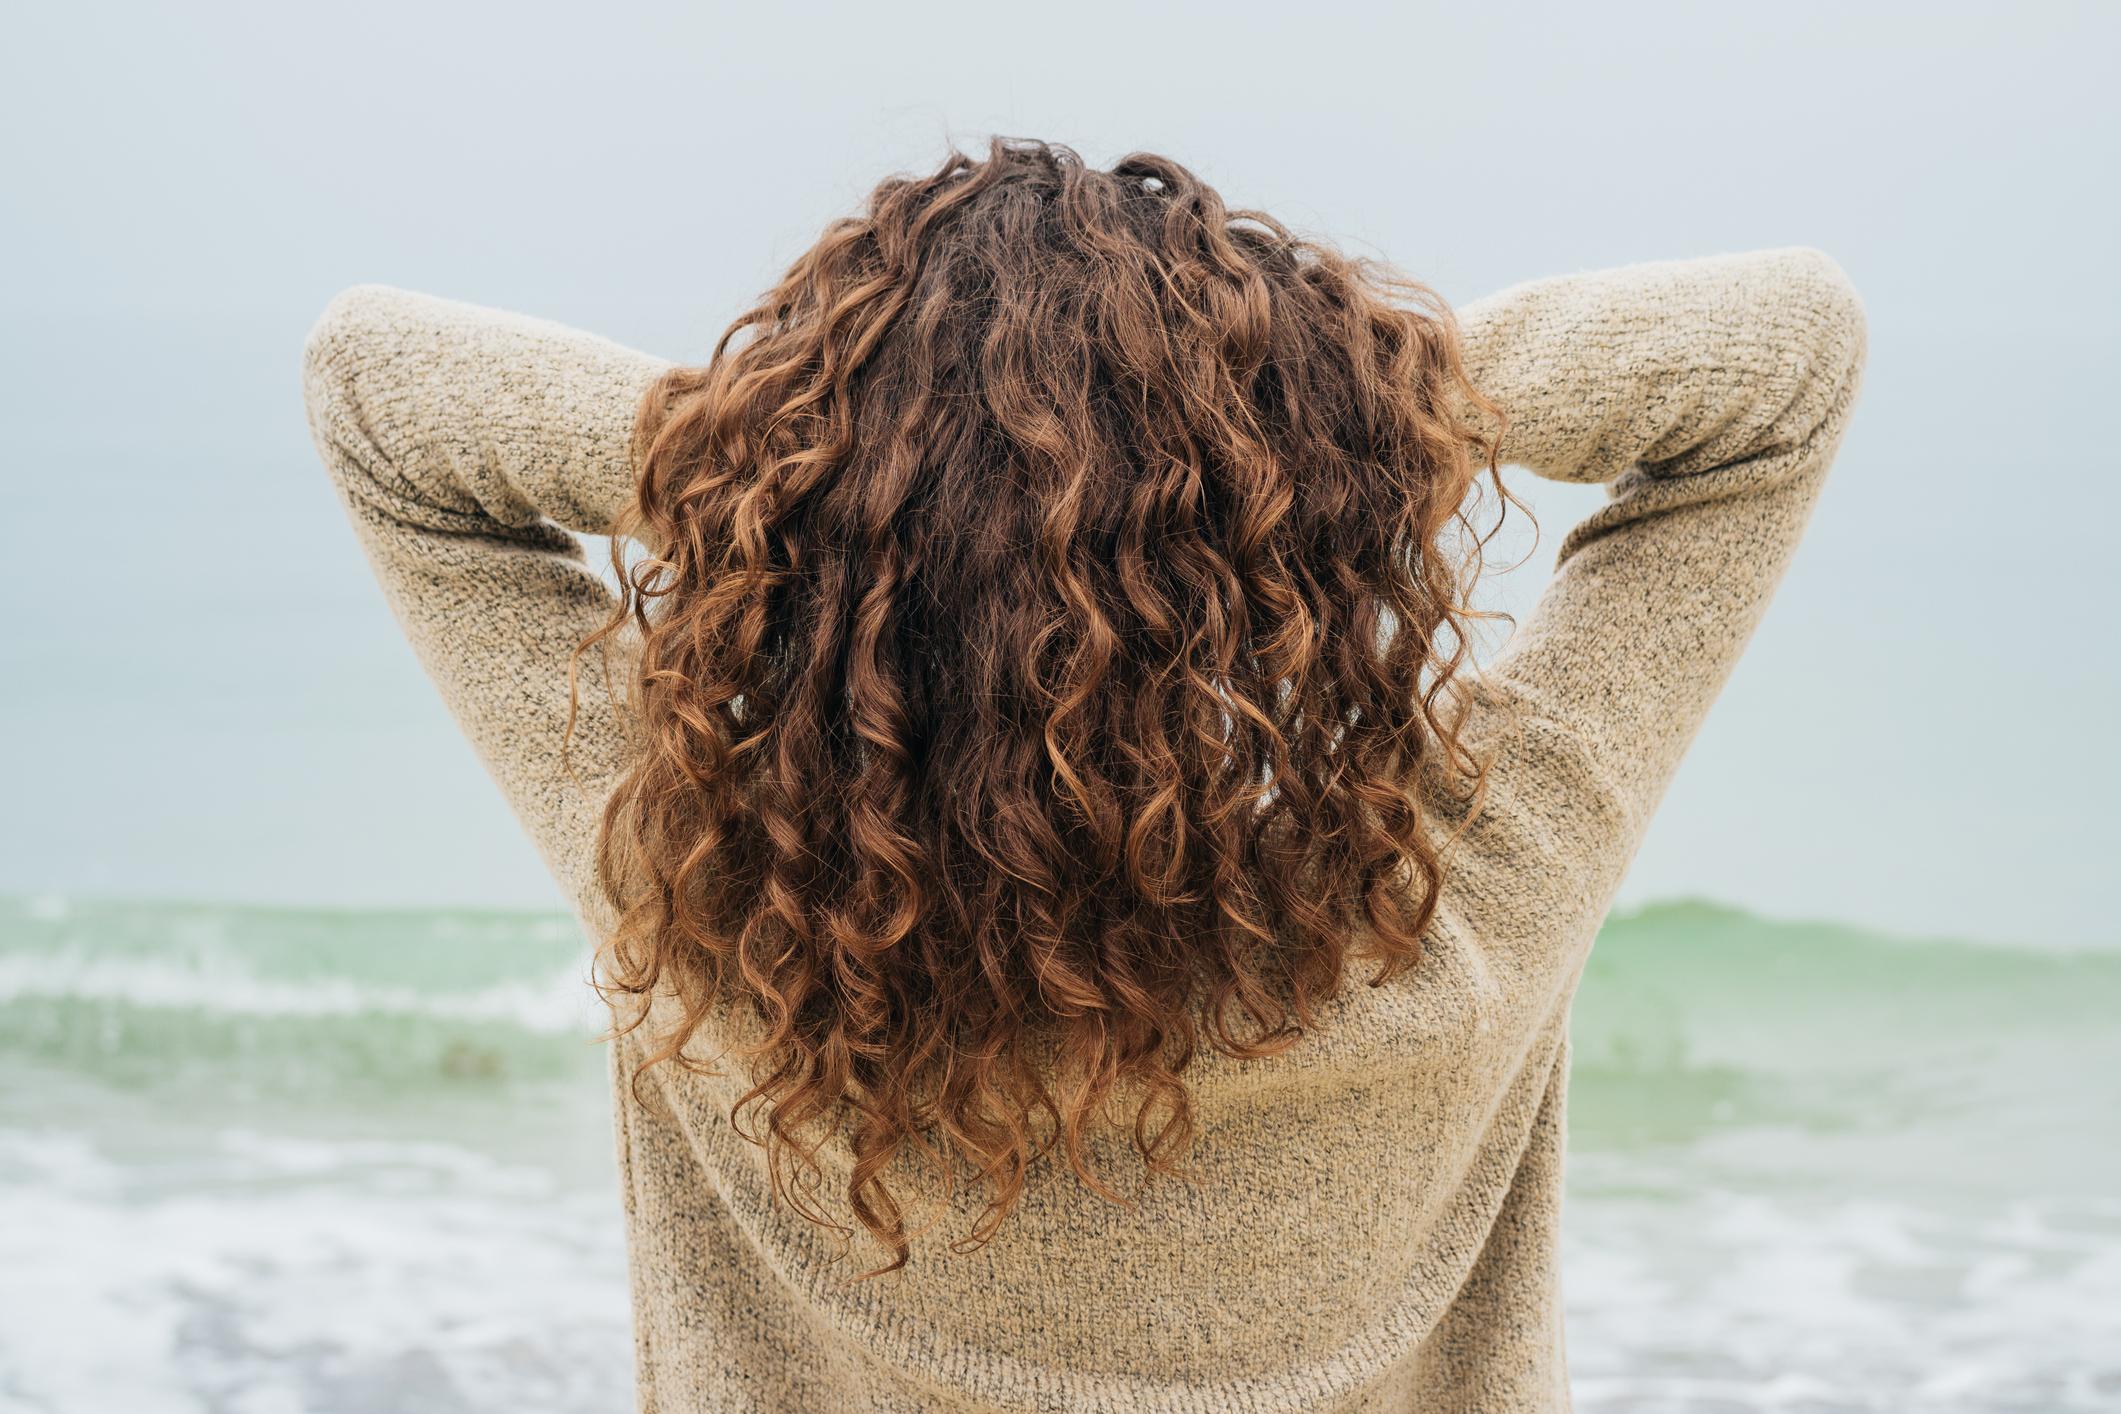 Картинки женщин за 40 на аву со спины, днем